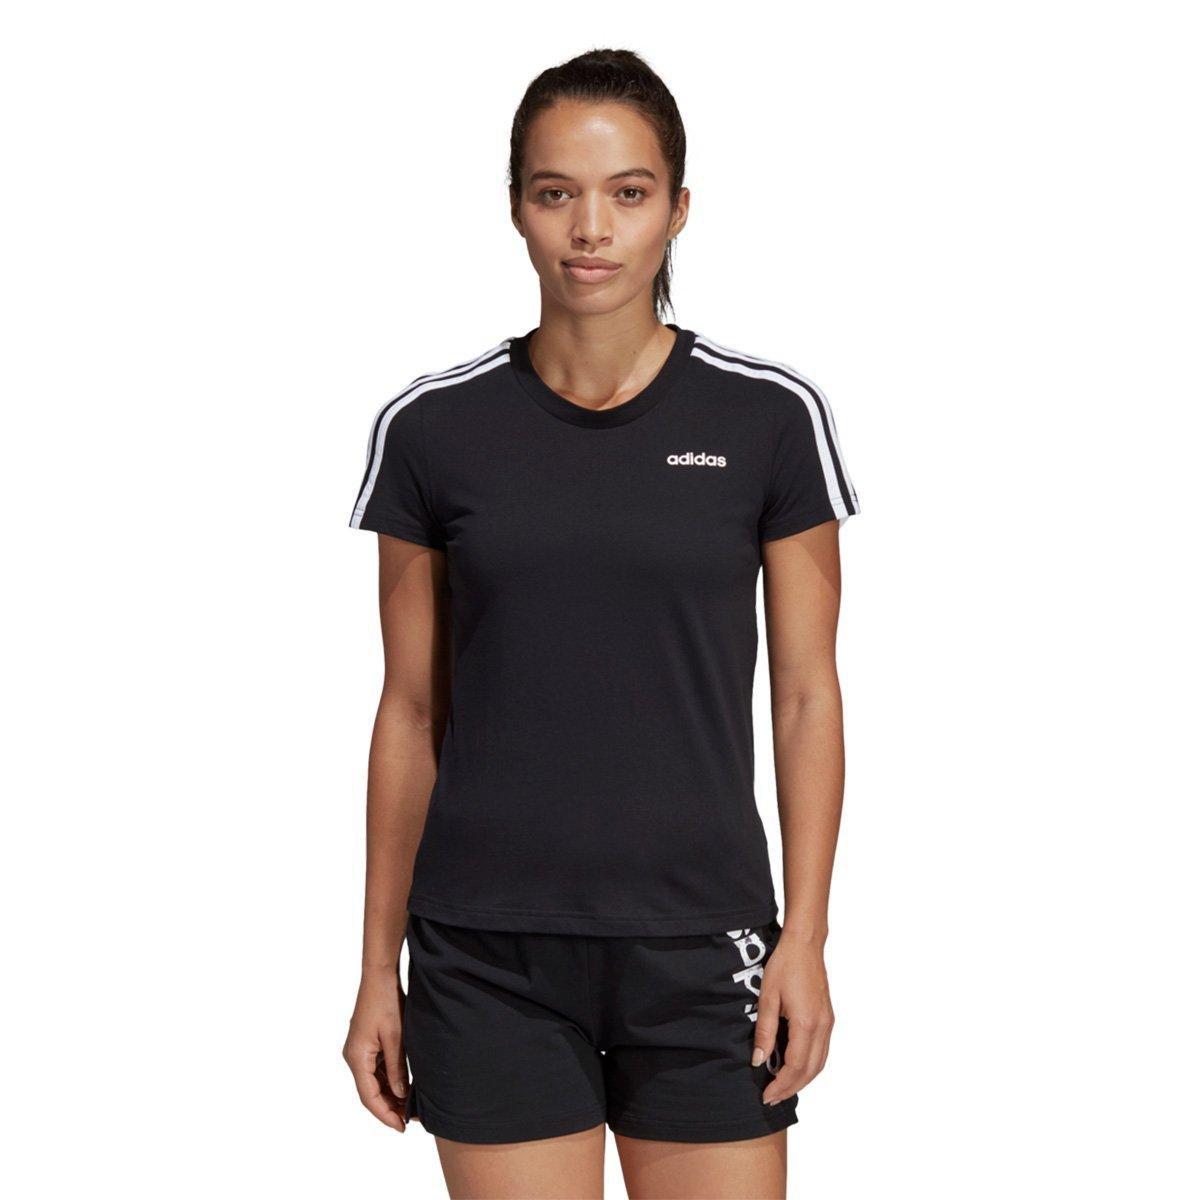 837336a03a2c7 Camiseta Adidas Essentials 3 Stripes Feminina - Preto e Branco - Compre  Agora